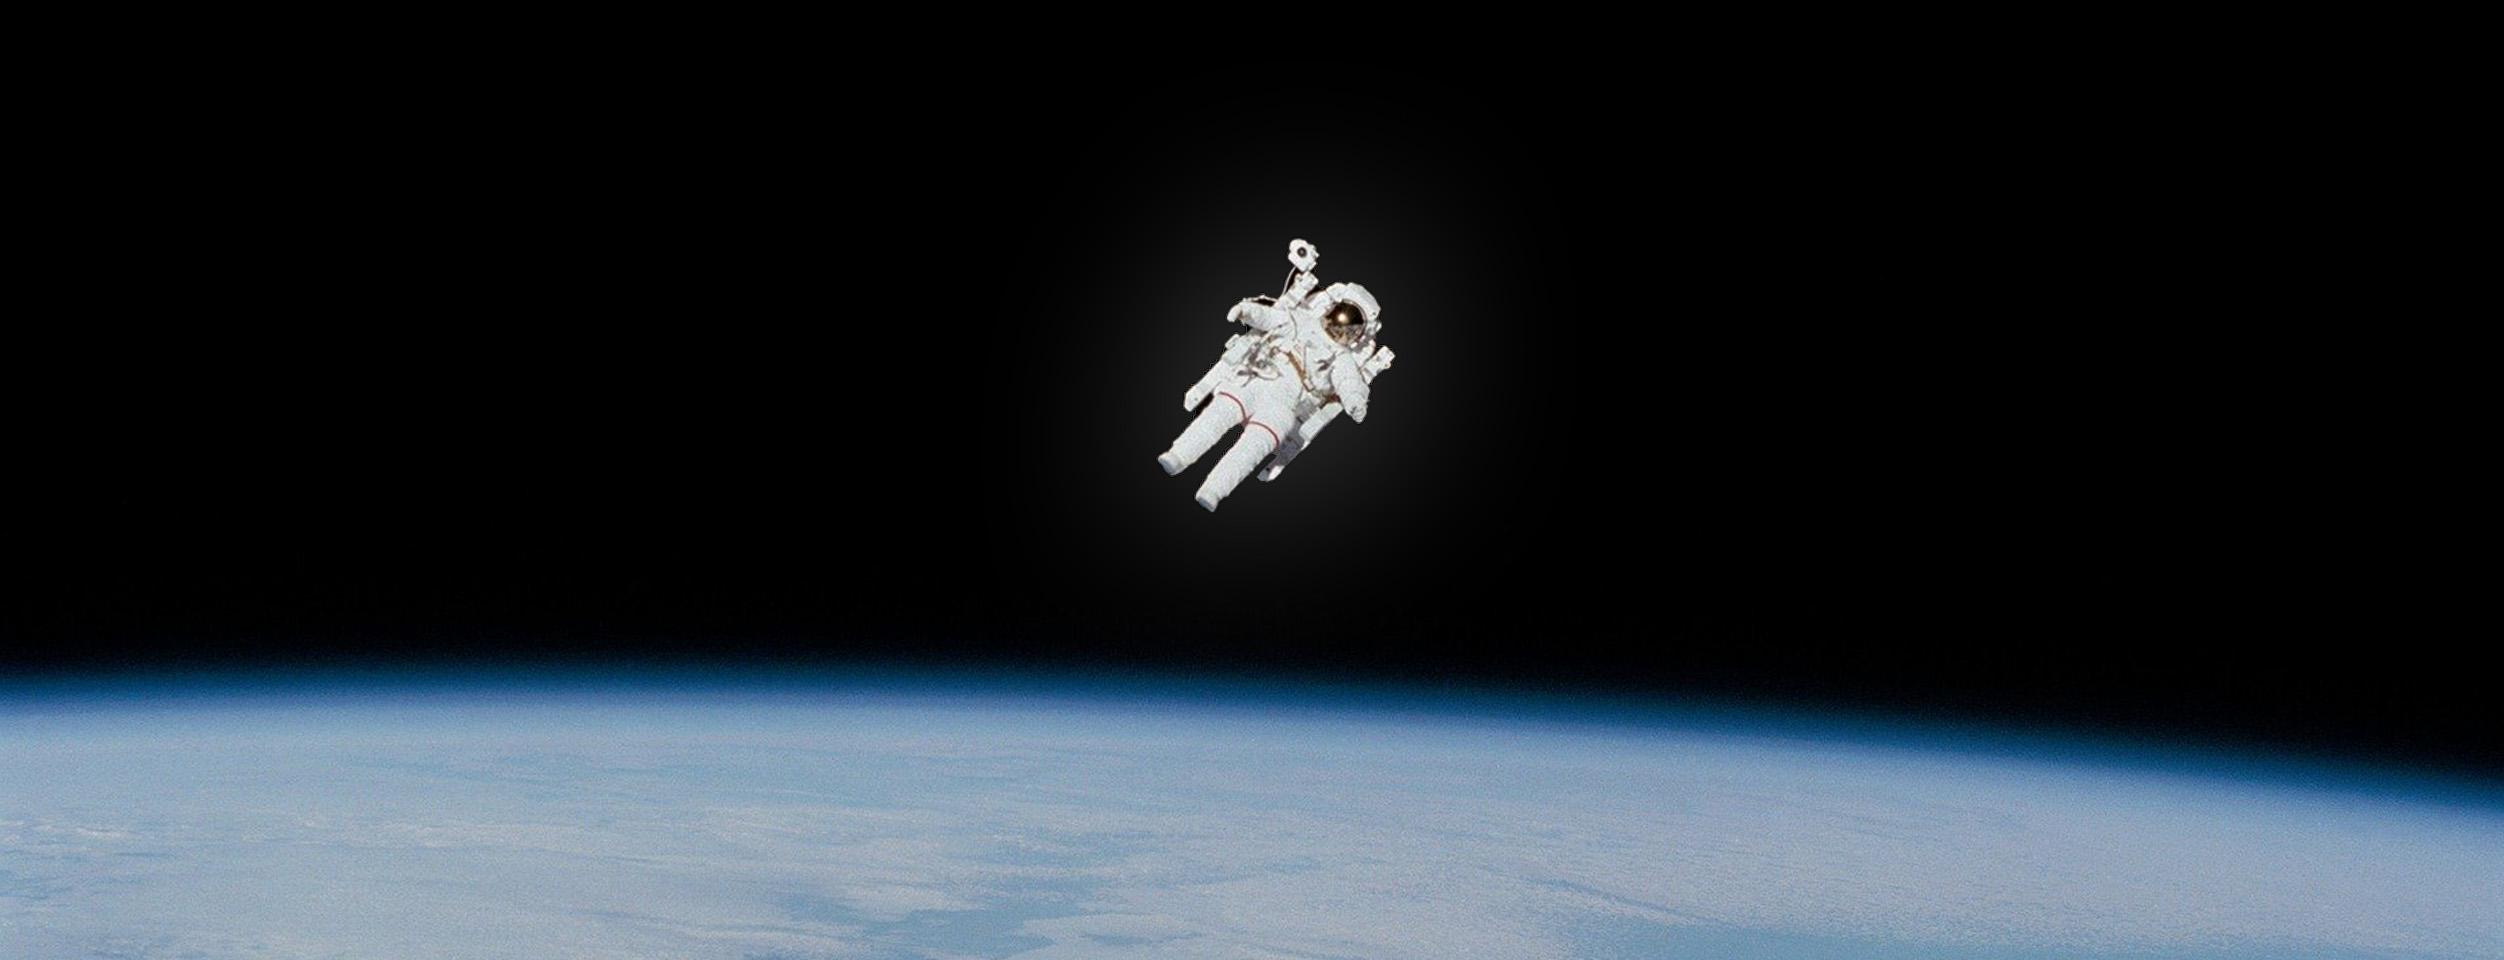 La orina de los astronautas podría protagonizar el próximo gran salto espacial